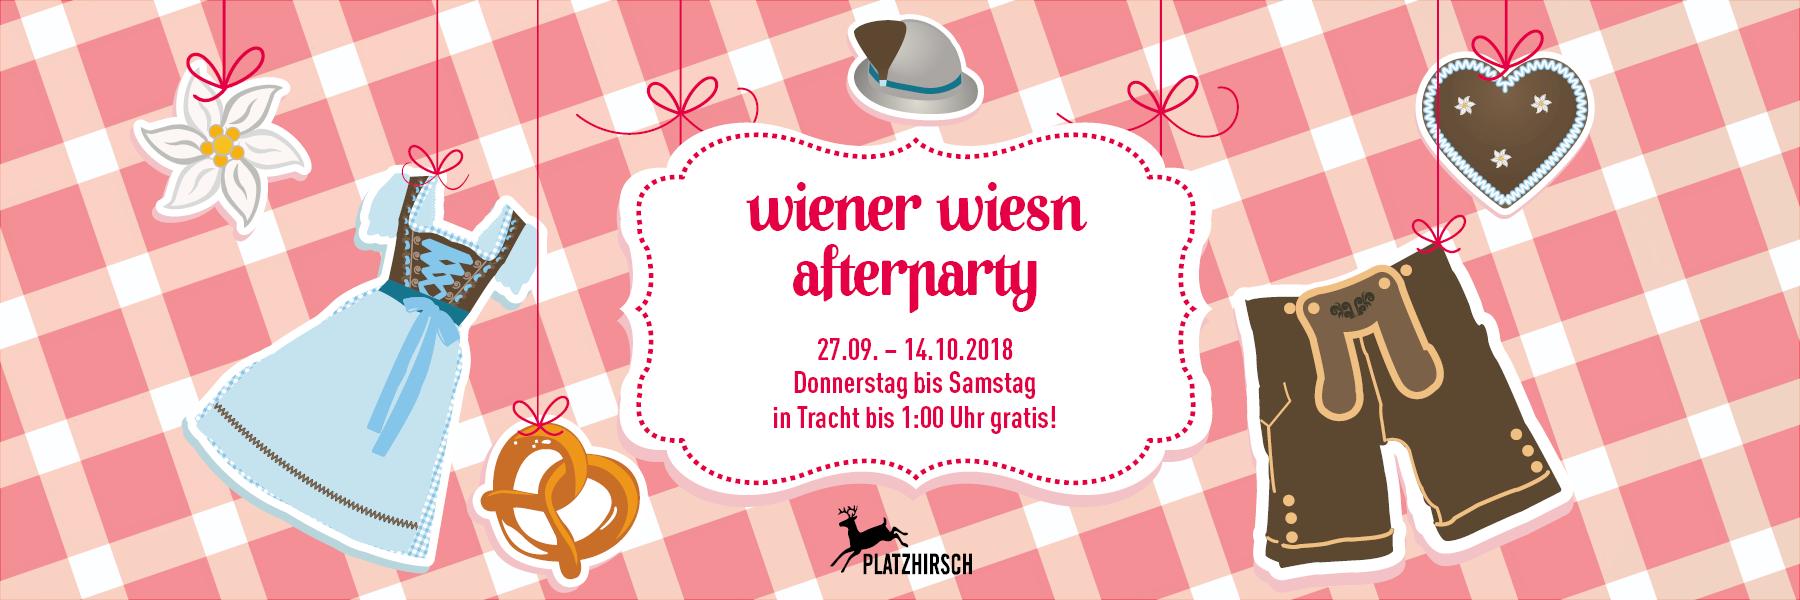 2018-19-09_wiener-wiesn_1800x600_JS